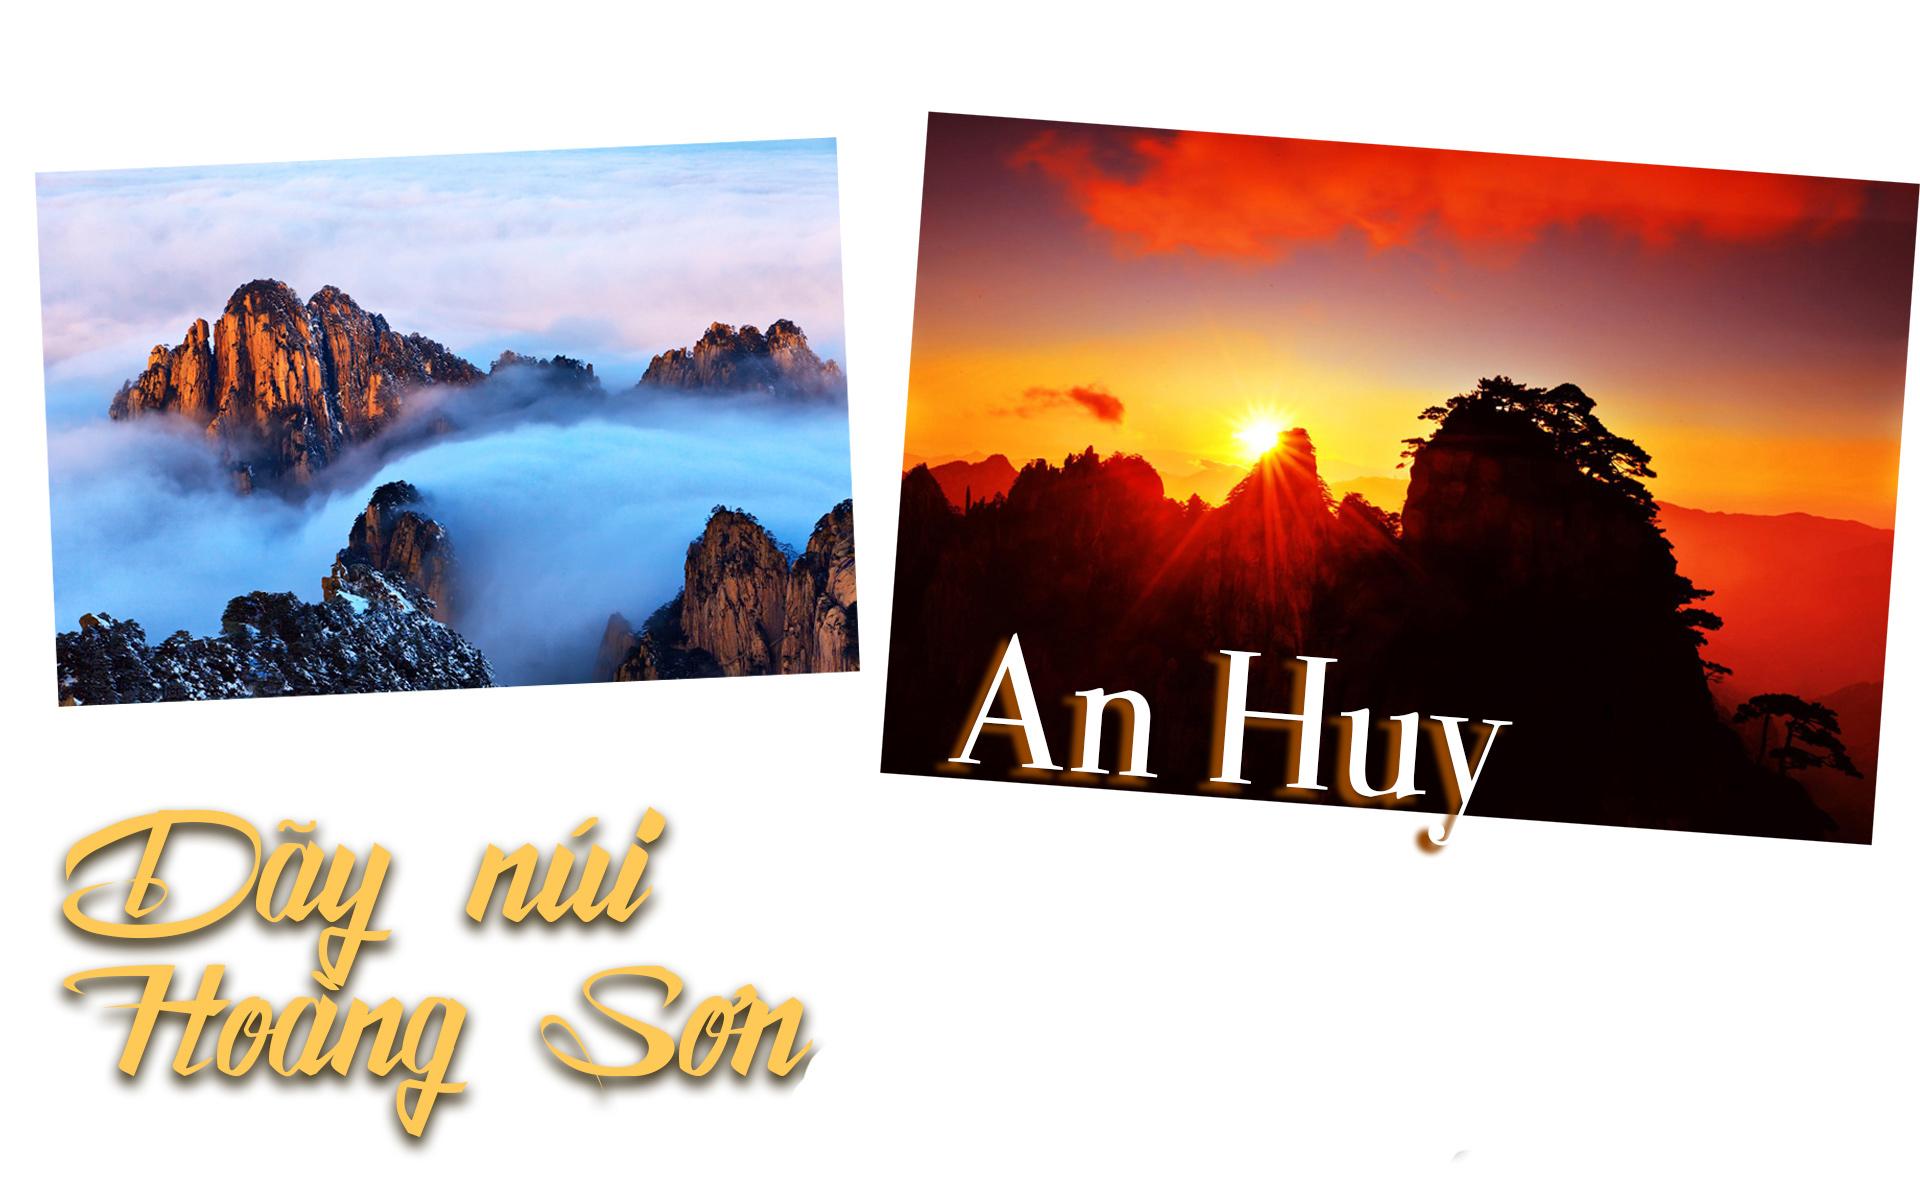 13 điểm đến đẹp nhất Trung Quốc, bạn nên đến một lần trong đời - 3